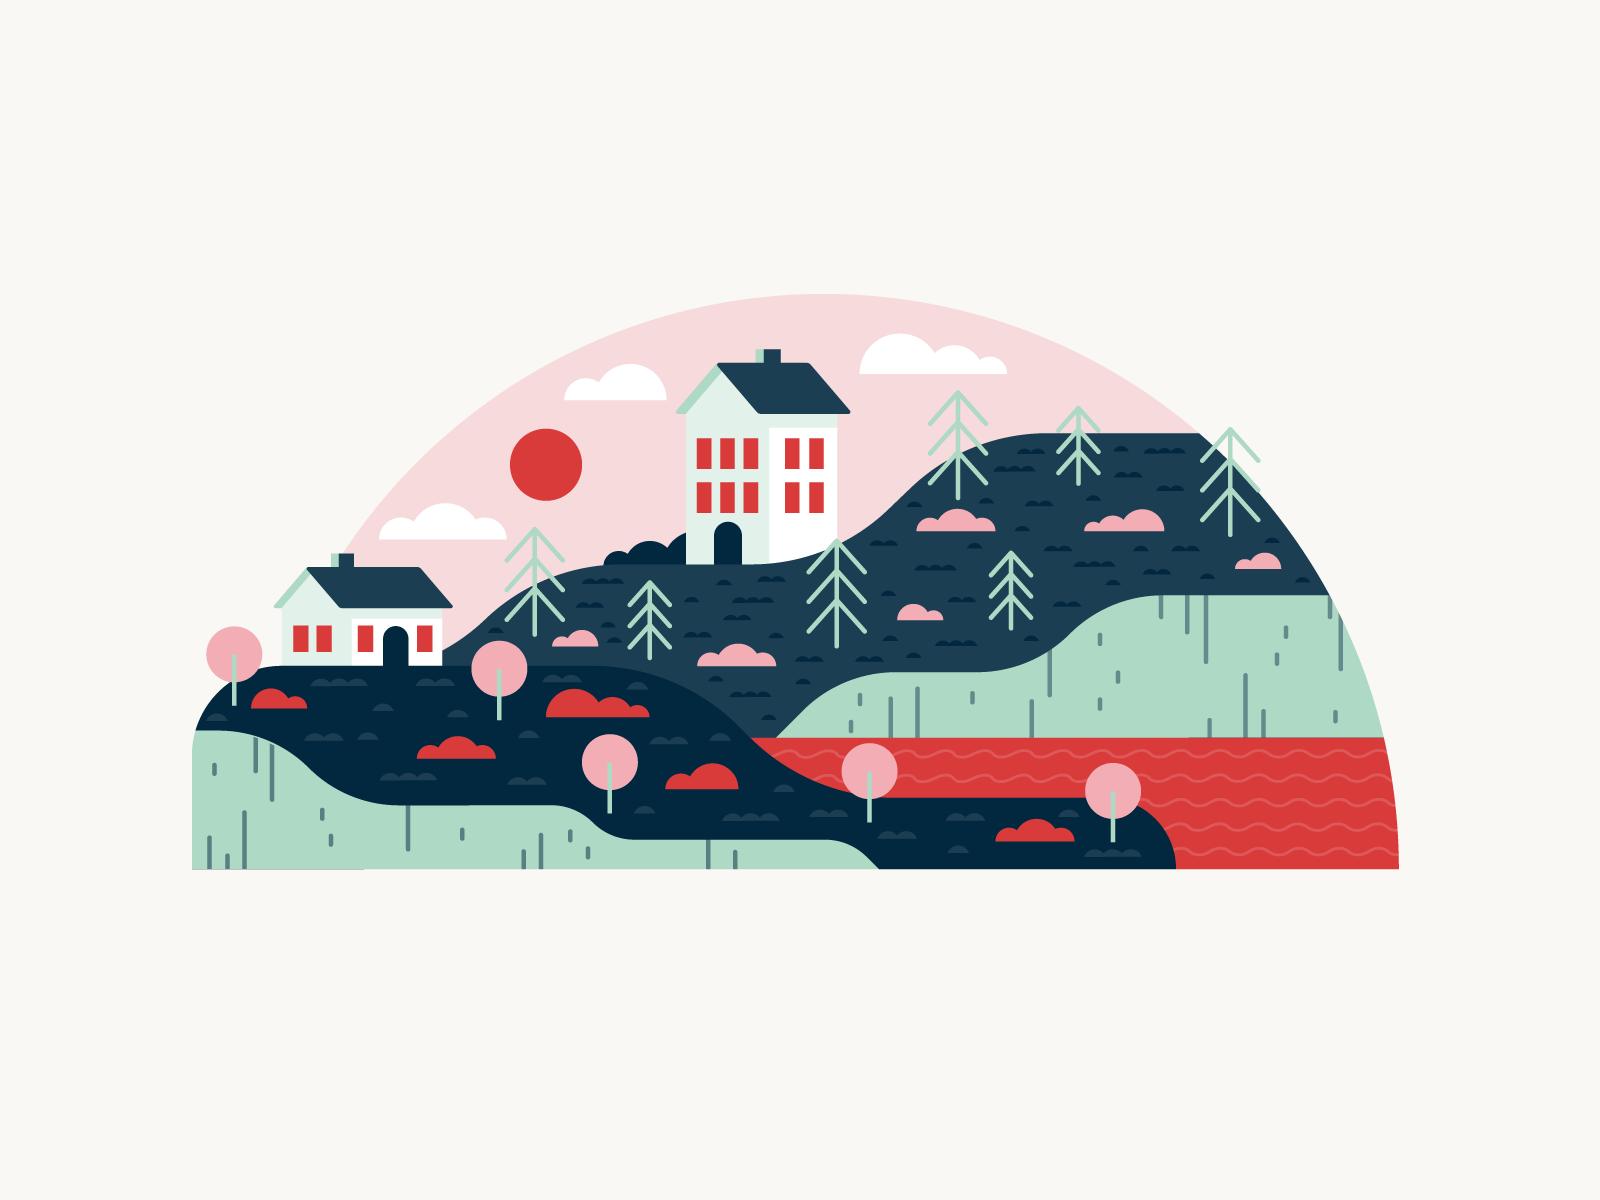 dribbble_illustration_city-scape_micro_03a